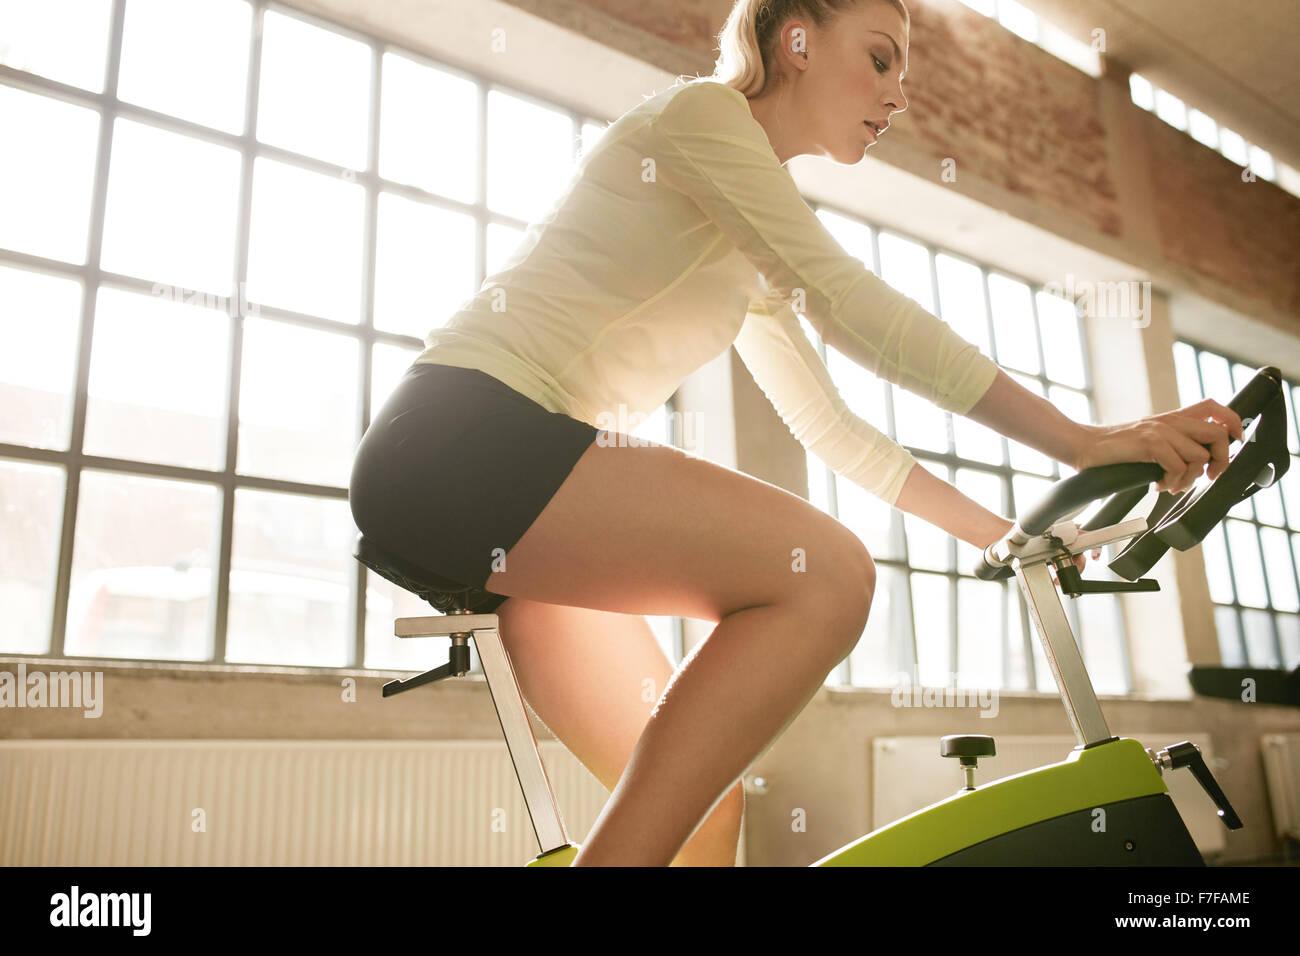 Vista laterale della donna fitness sulla bicicletta in palestra. Giovane atleta femminile la filatura su biciclette Foto Stock